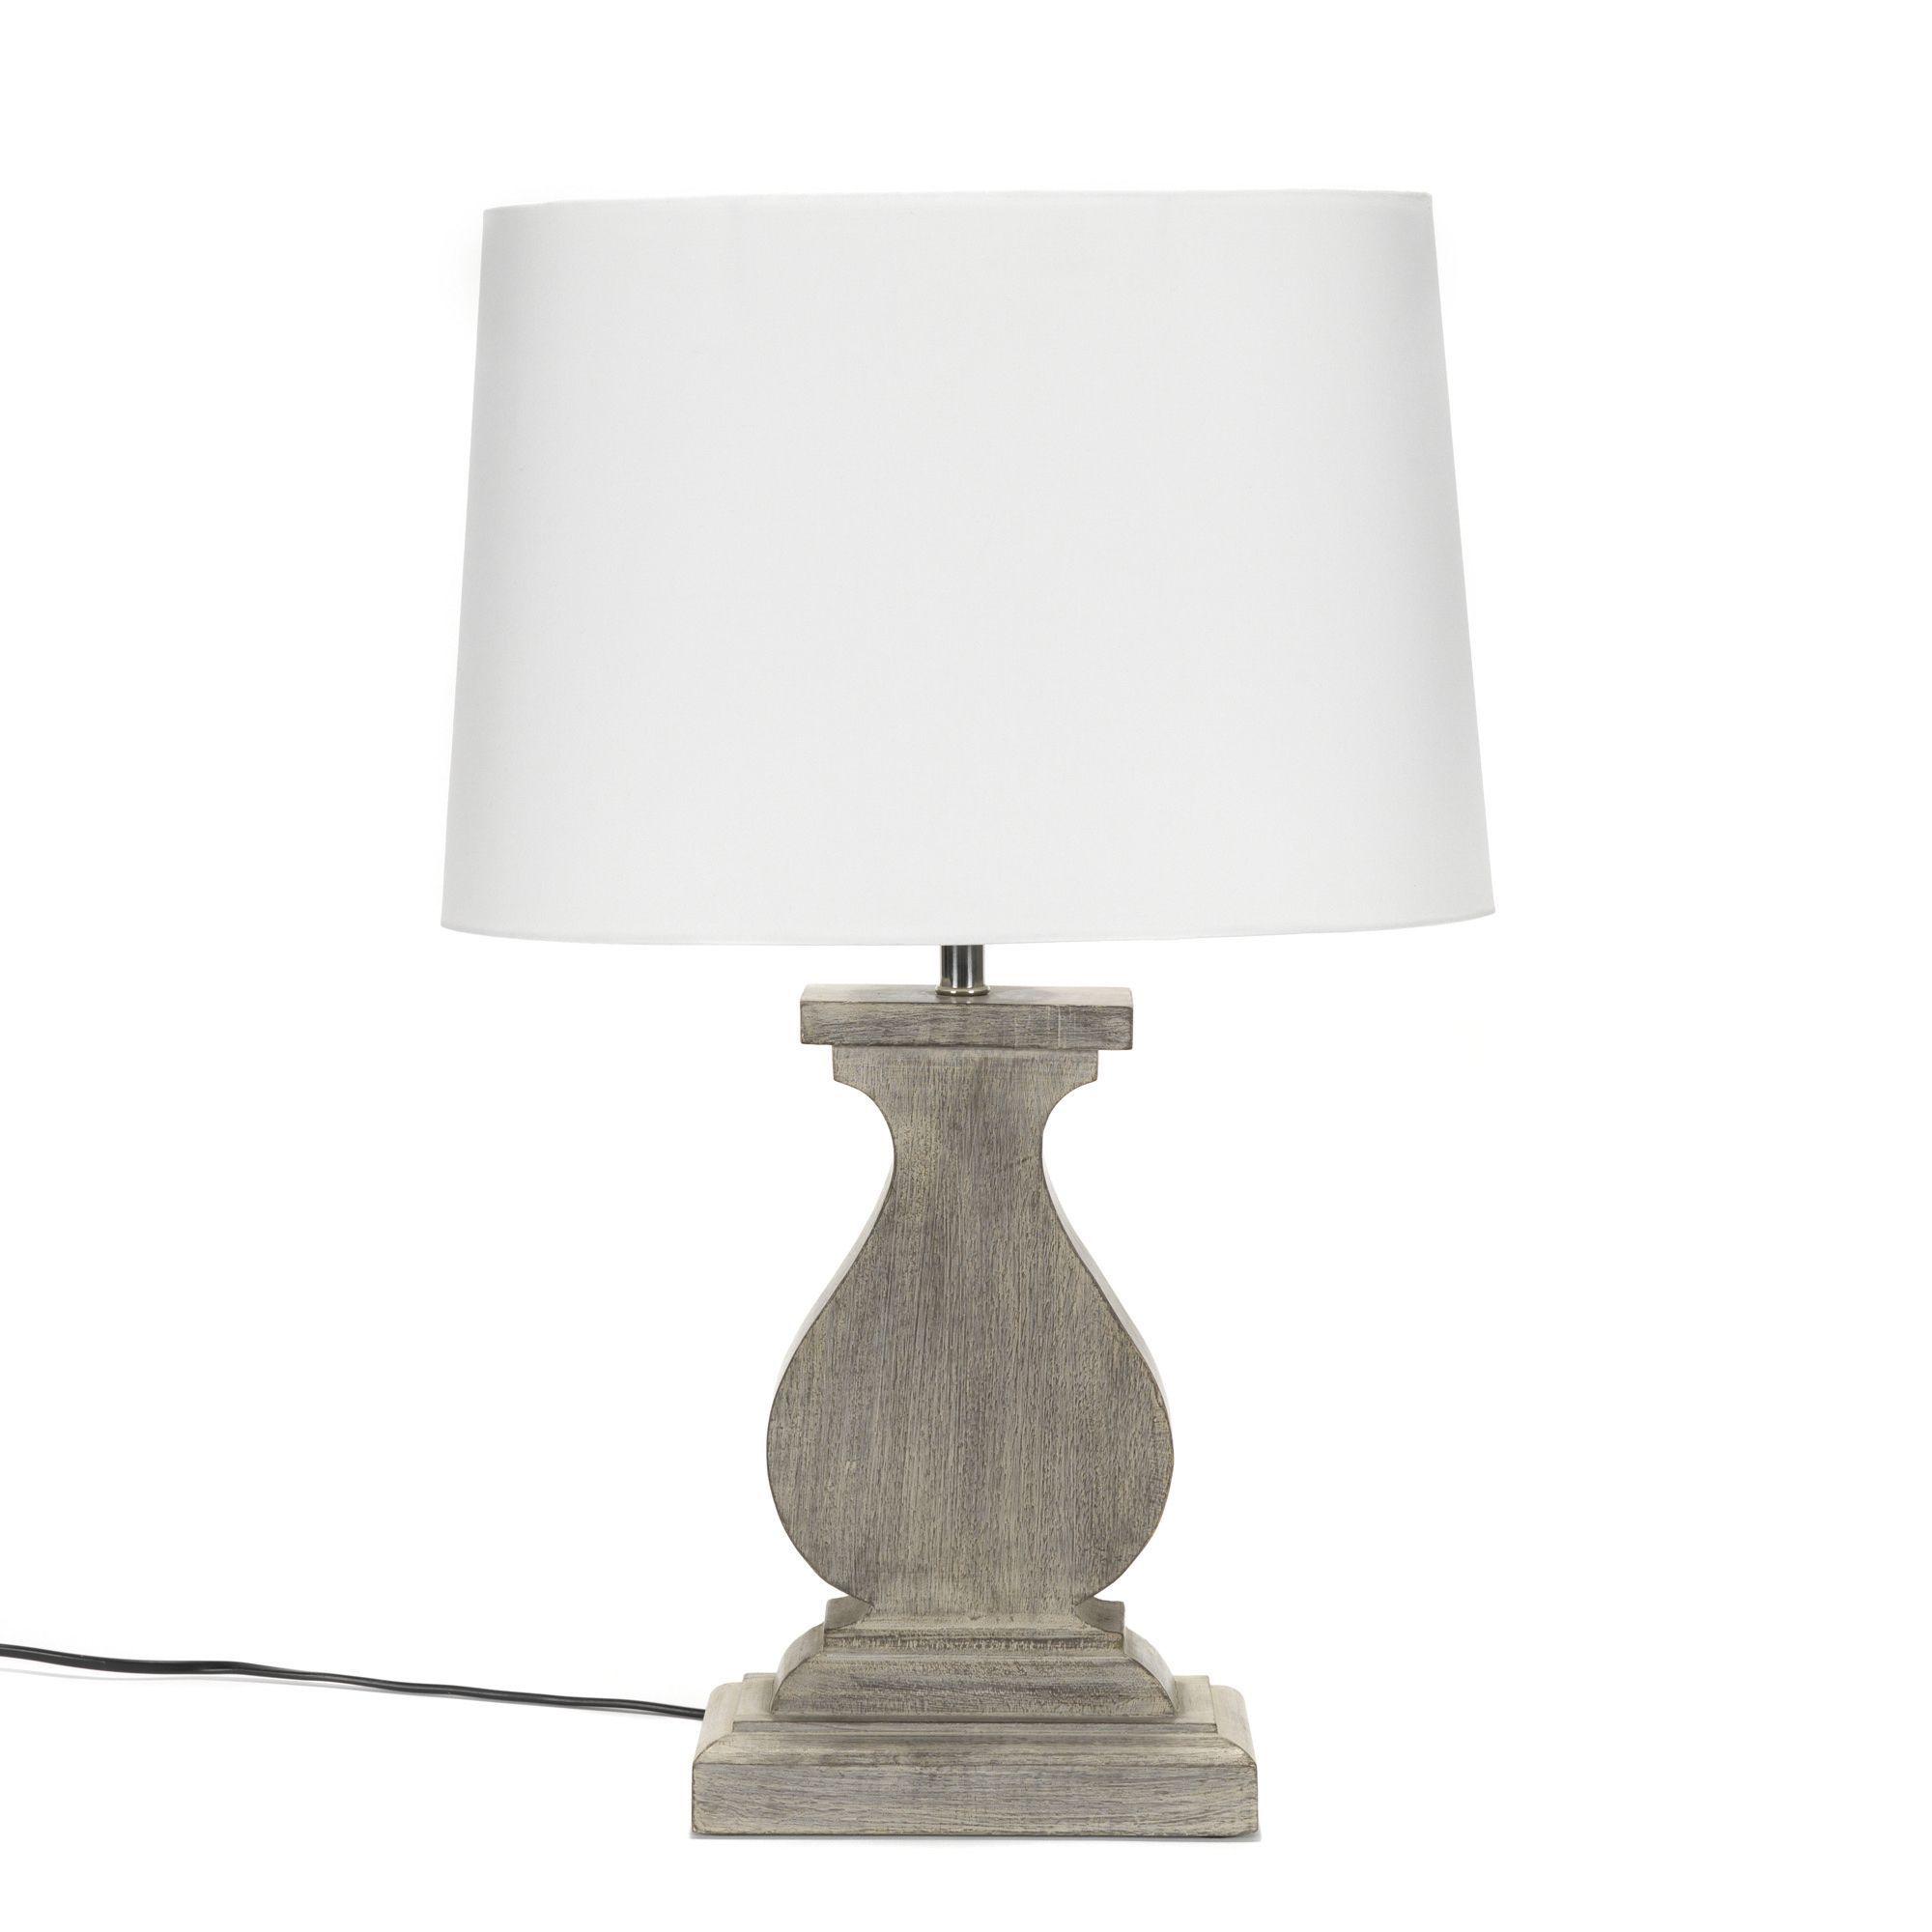 Lampe Avec Pied En Bois Bois Blanchi Noemie Les Lampes Poser  # Table Tv A Roulette Alinea